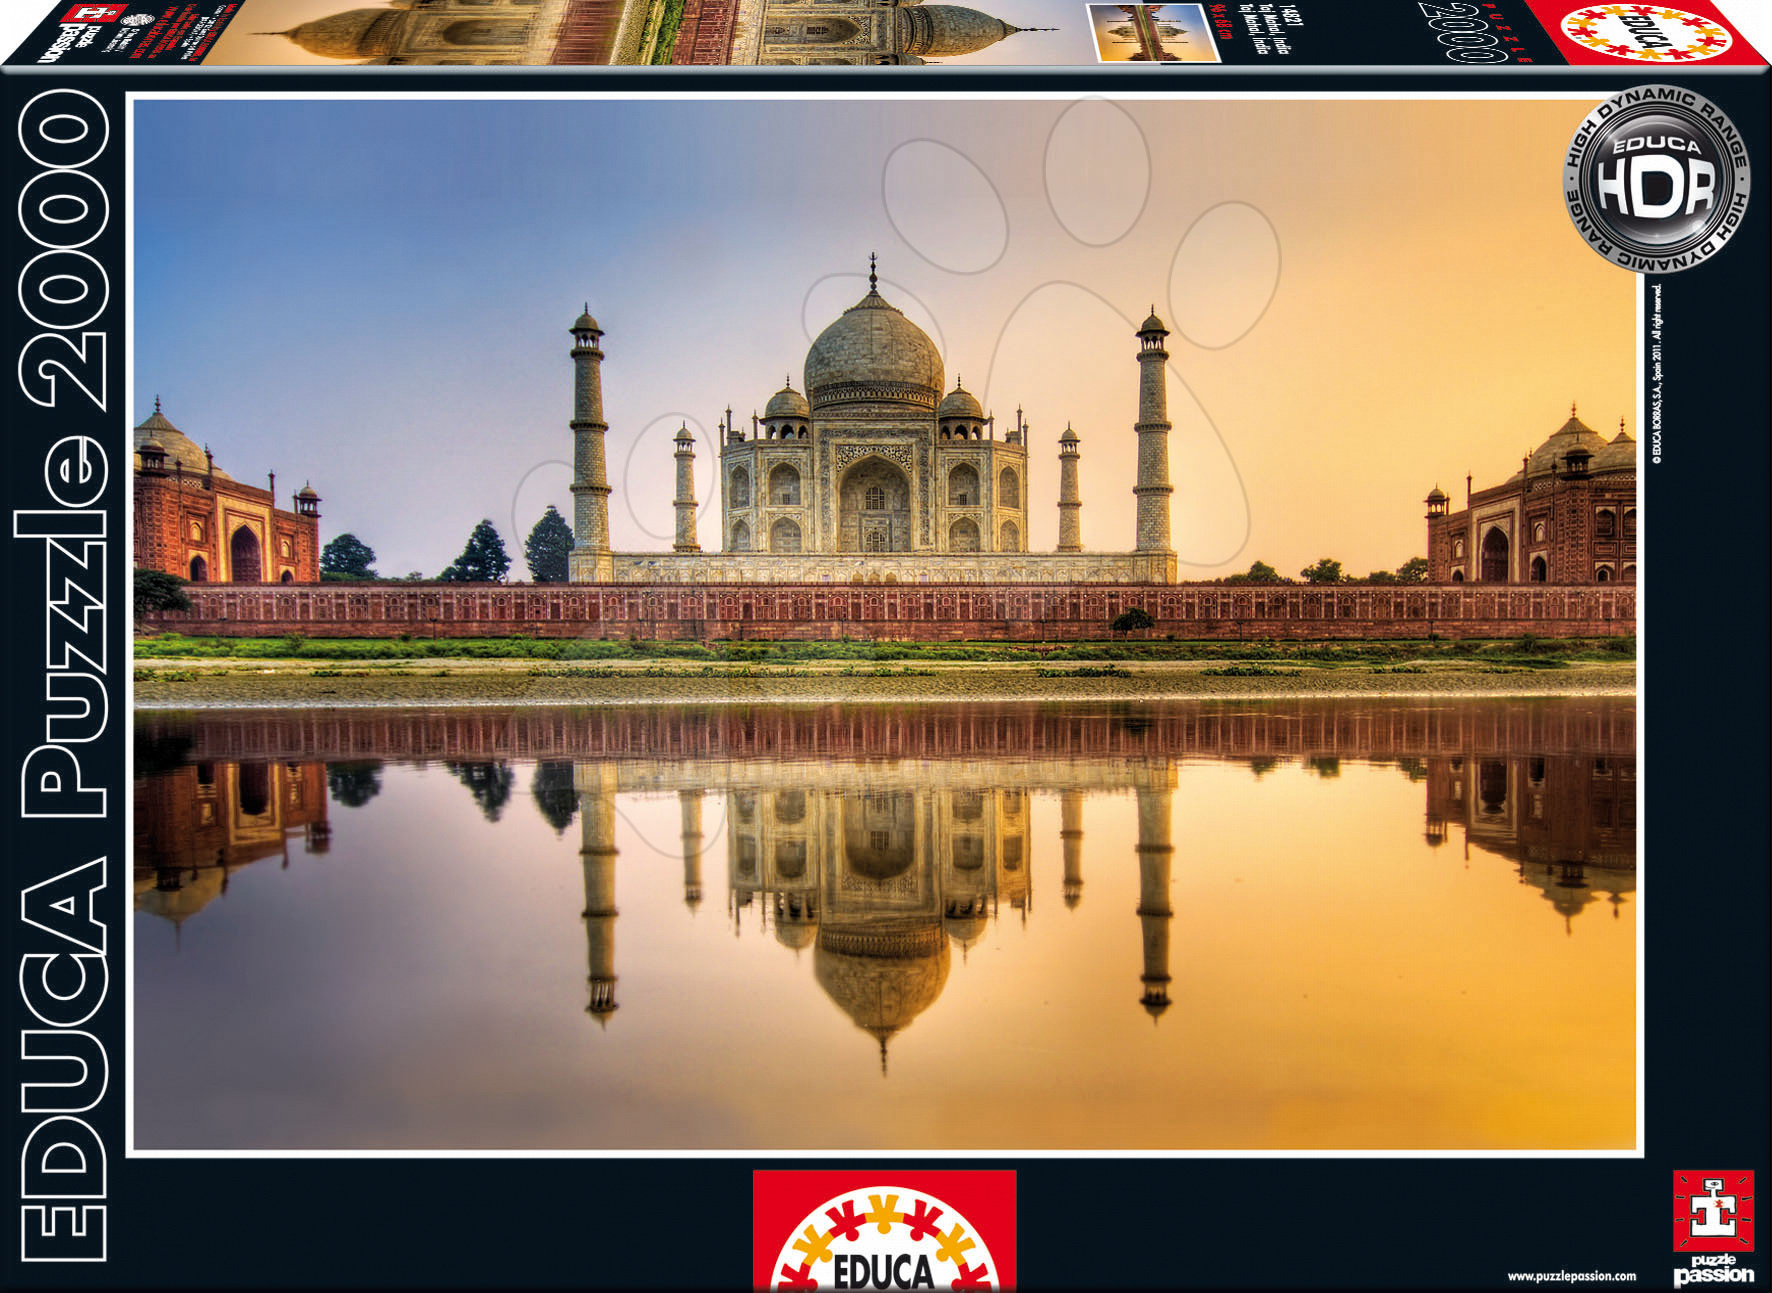 Régi termékek - Puzzle Taj Mahal (India) Educa 2000 db + Fix Puzzle ragasztó